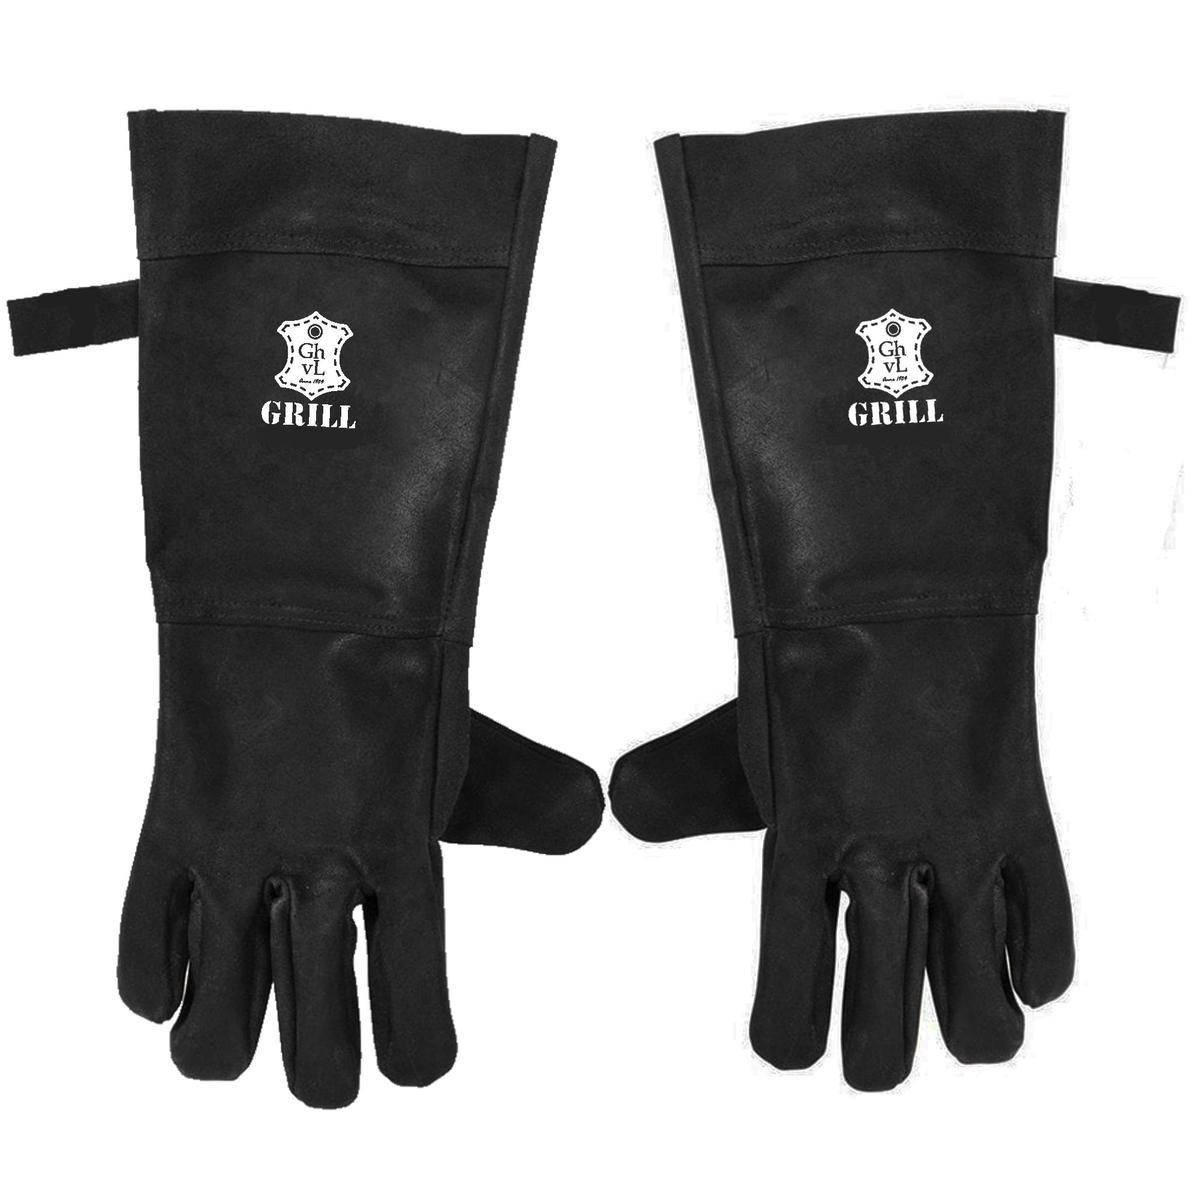 BBQ Leren Handschoenen Zwart   Barbecue Lederen Handschoen   BBQ & Oven handschoenen   Extra groot v